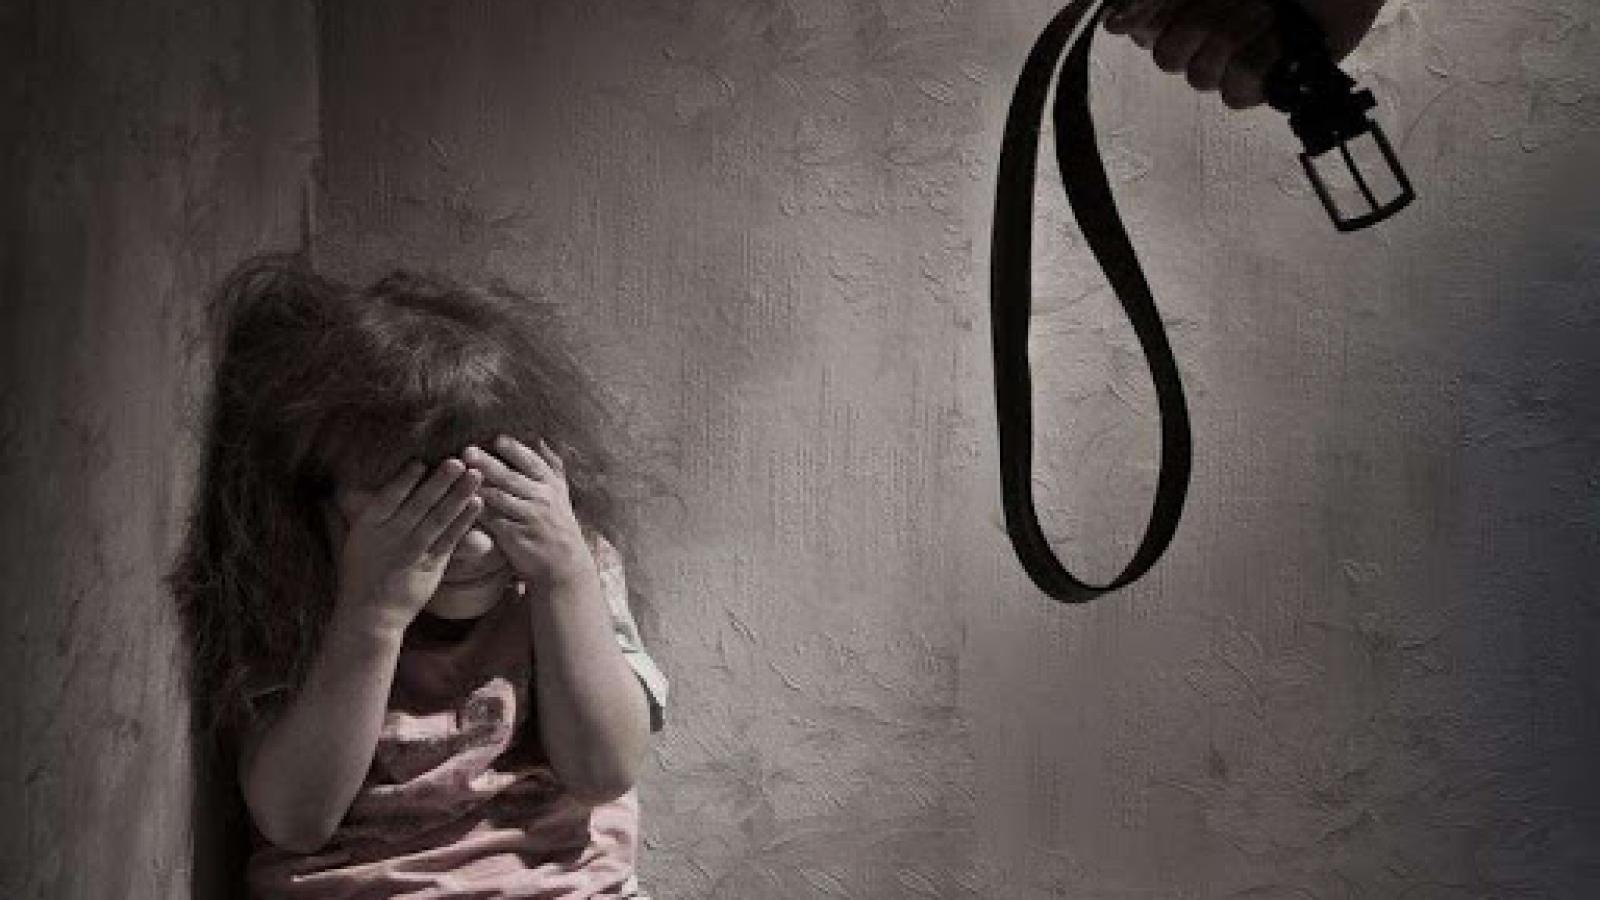 Ai cần chịu trách nhiệm và giải trình khi xảy ra bạo hành, xâm hại trẻ em?